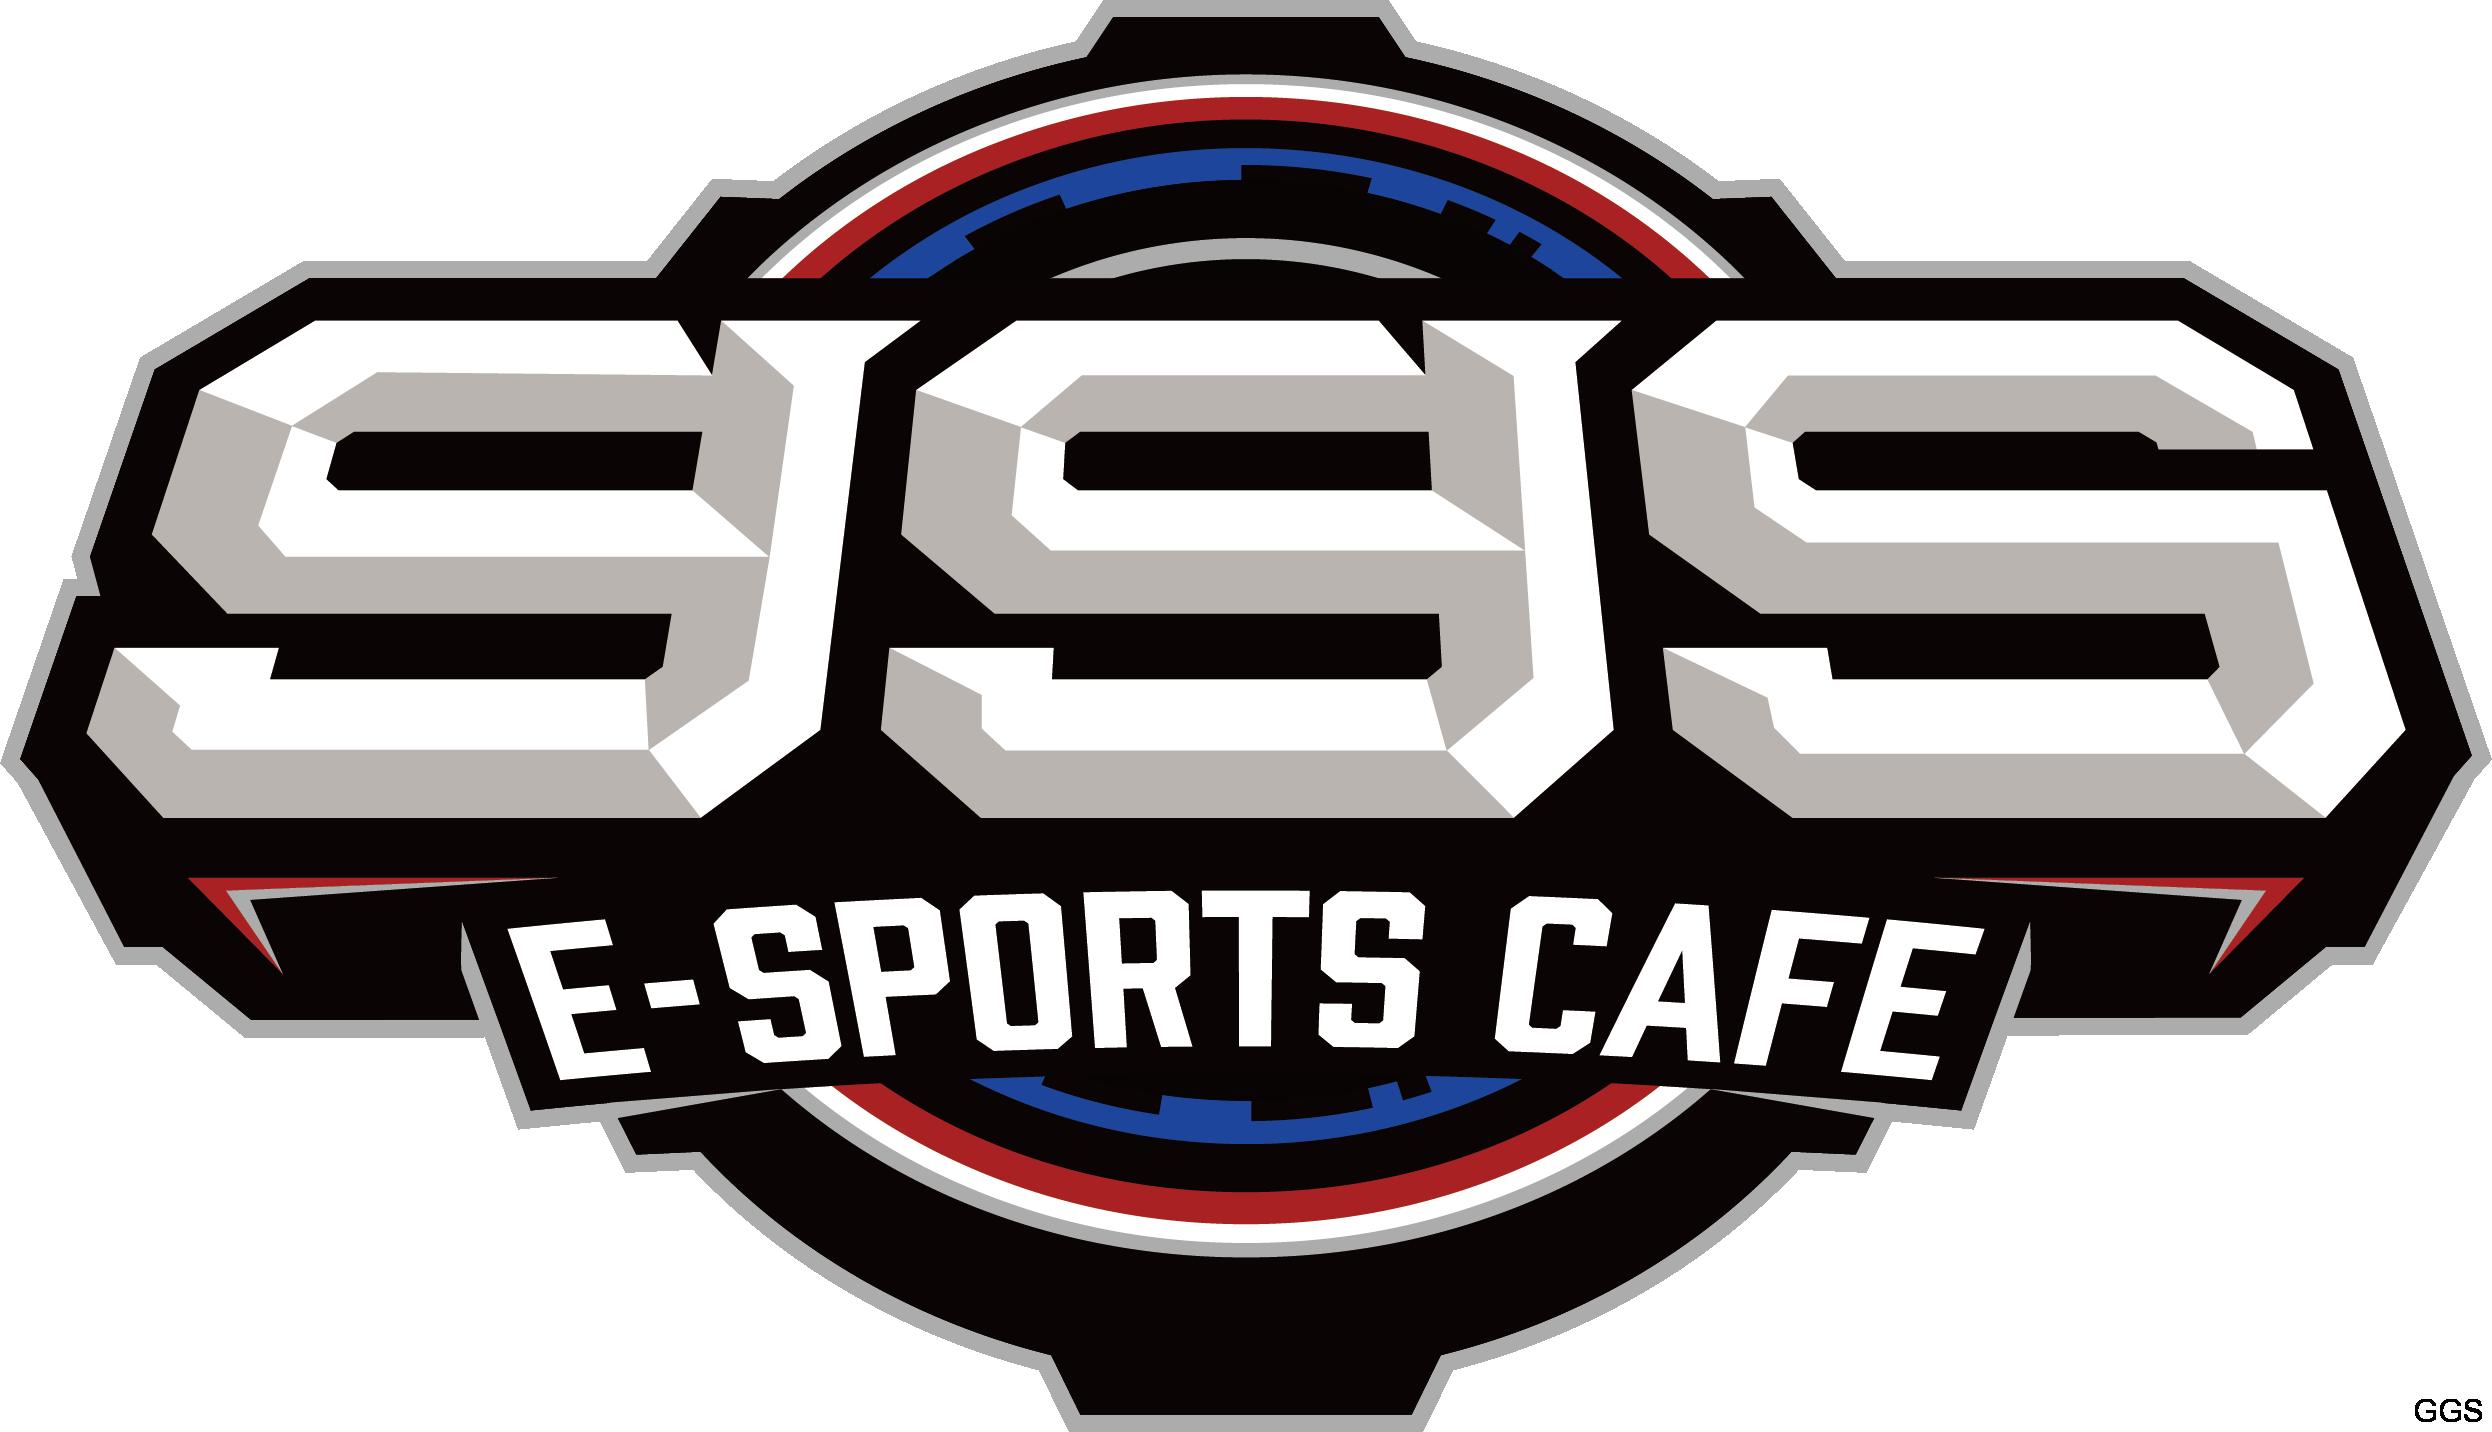 e-sportscafe ggs